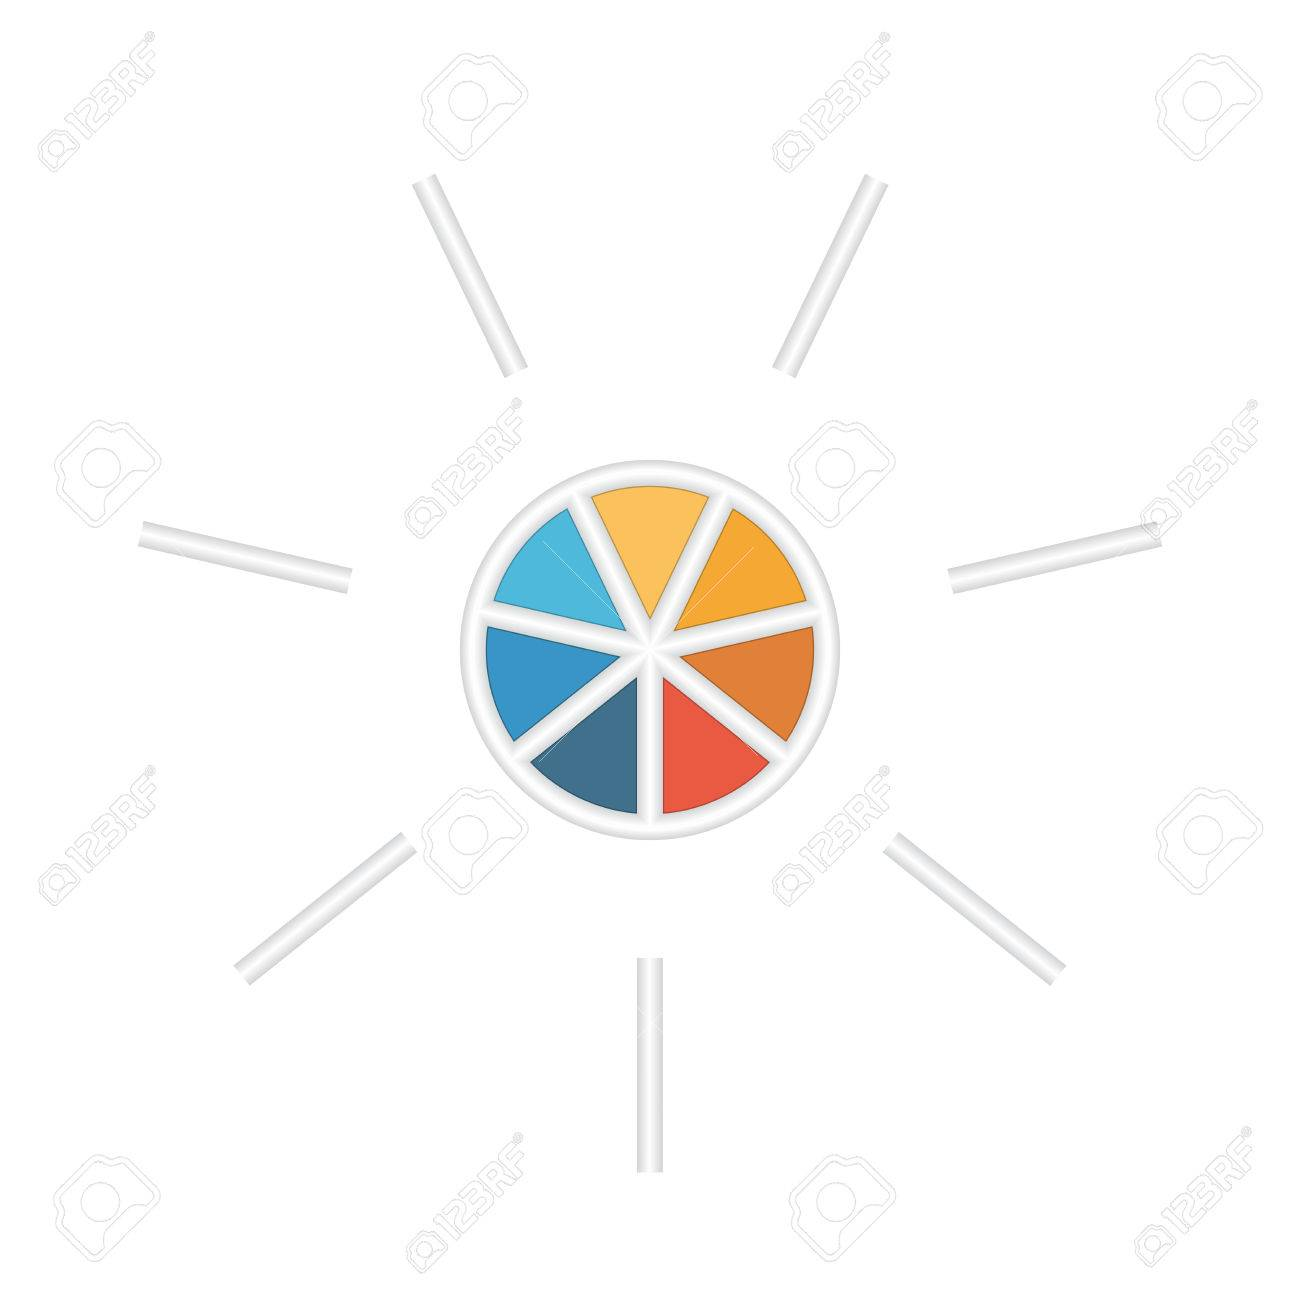 Kreisschablone Für Infografik Mit Textbereiche Auf 7 Teile ...